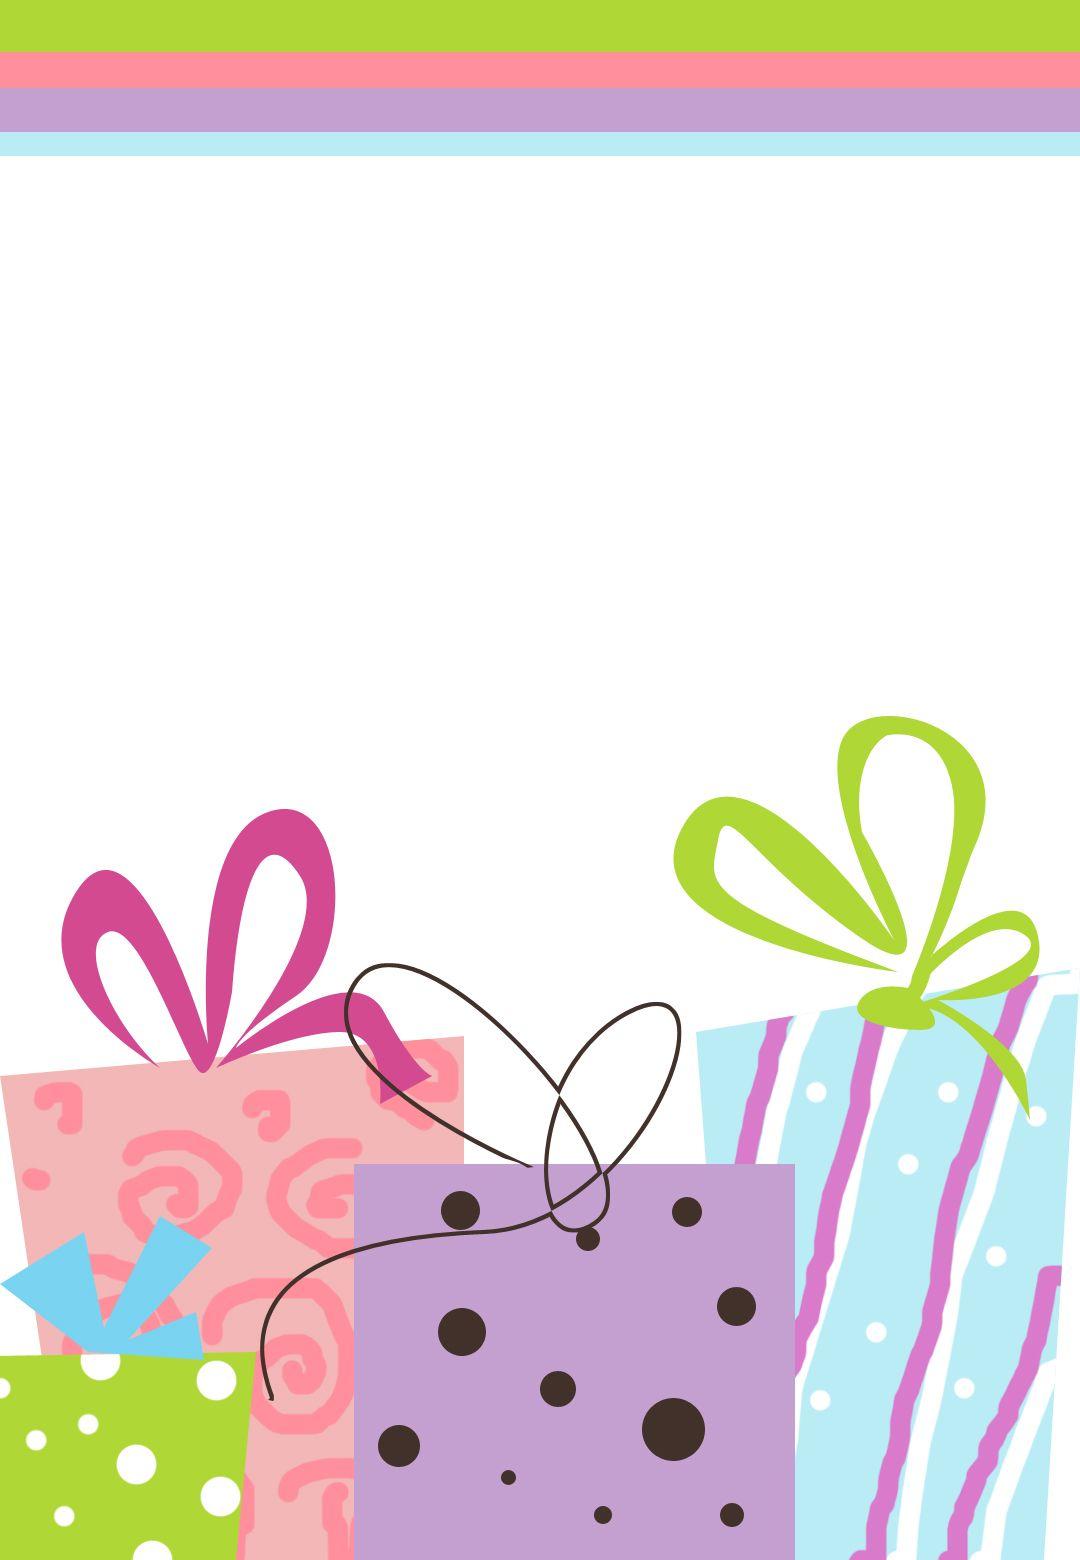 Invitaci n gratis de cumplea os para imprimir muchos - Plantillas decorativas infantiles ...